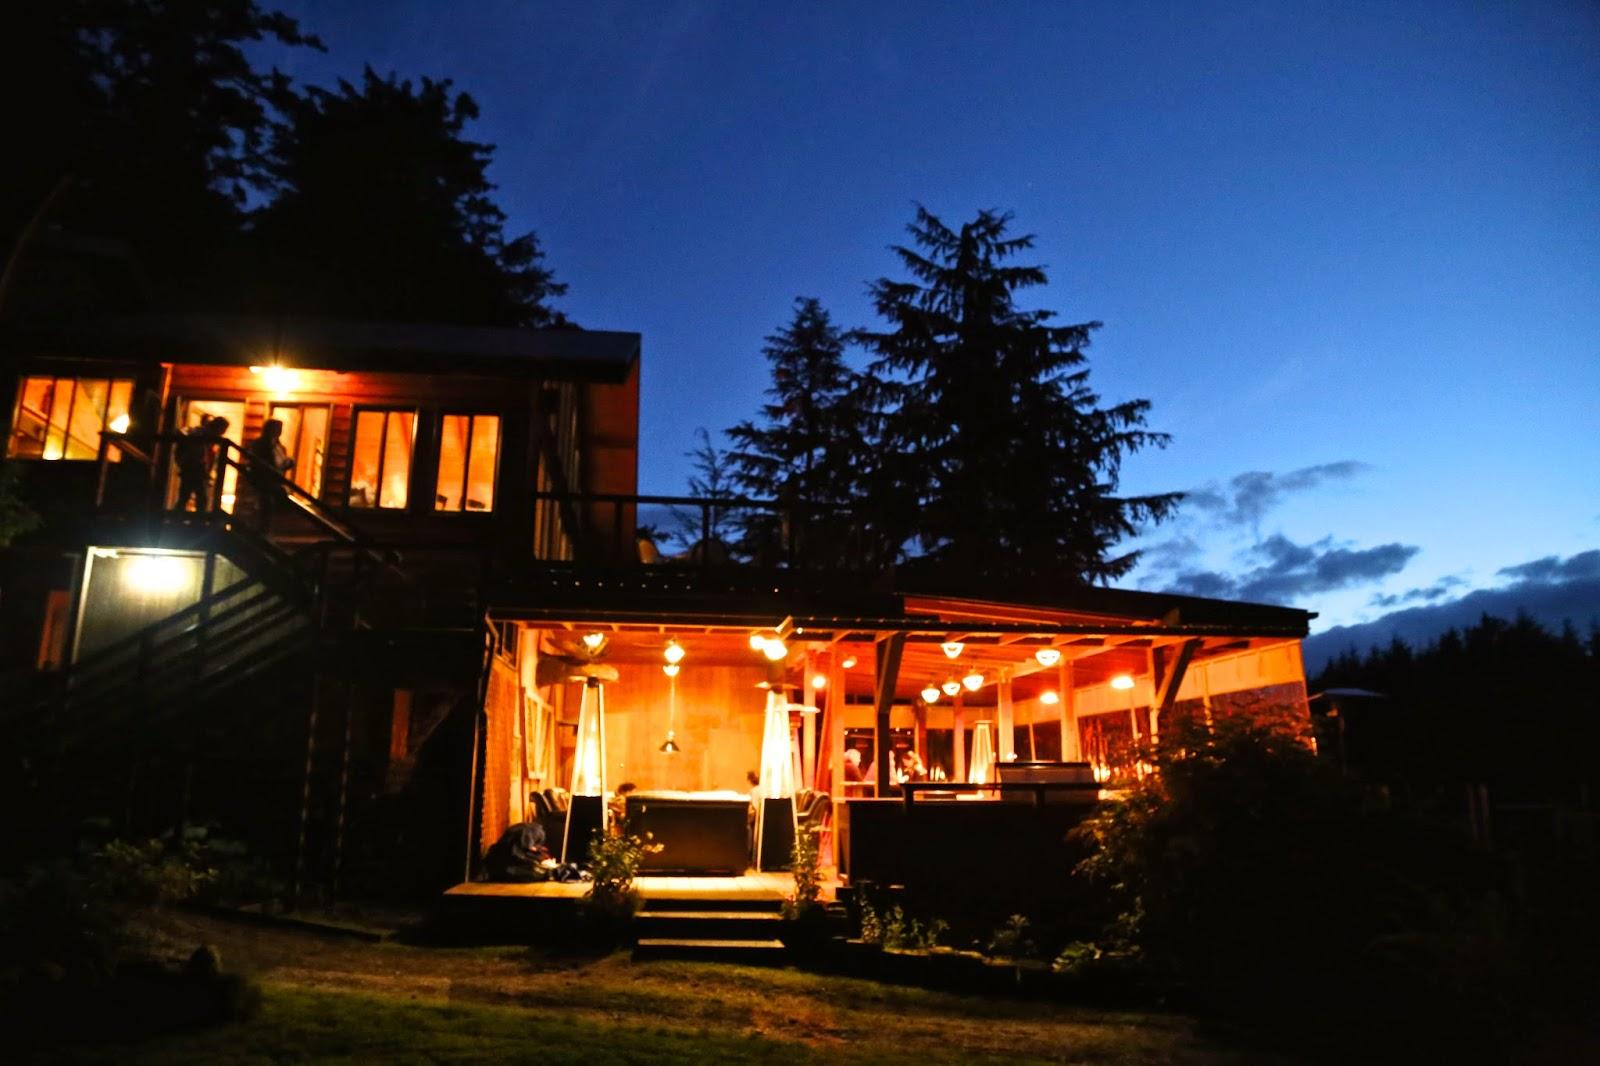 talon lodge by night, sitka, alaska